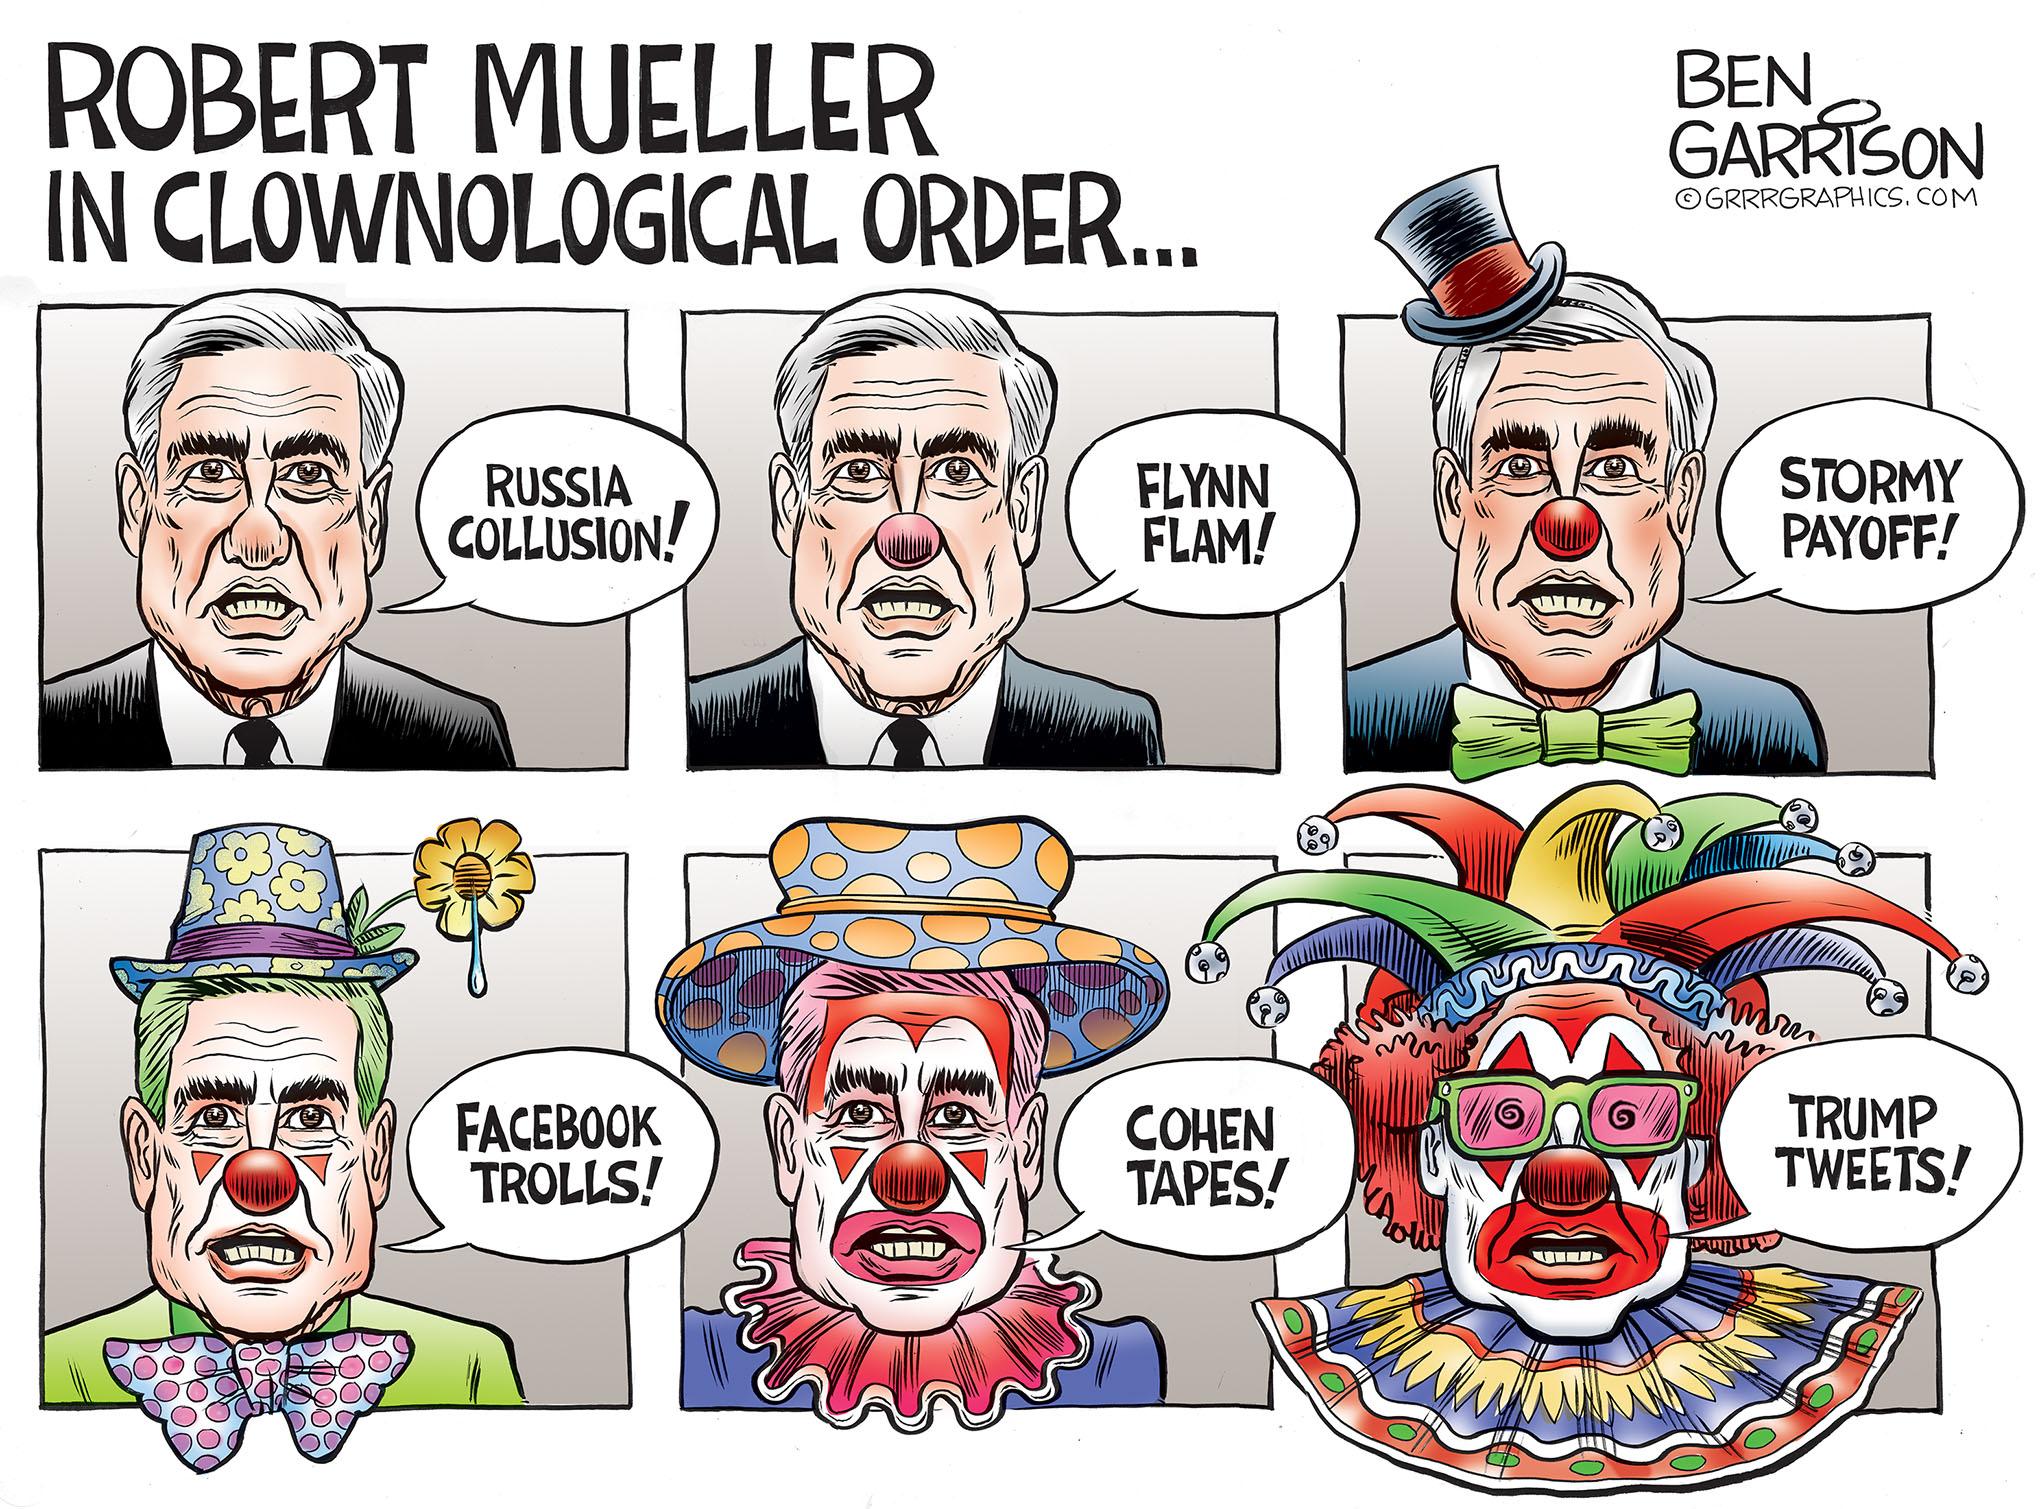 Mueller Clown Original